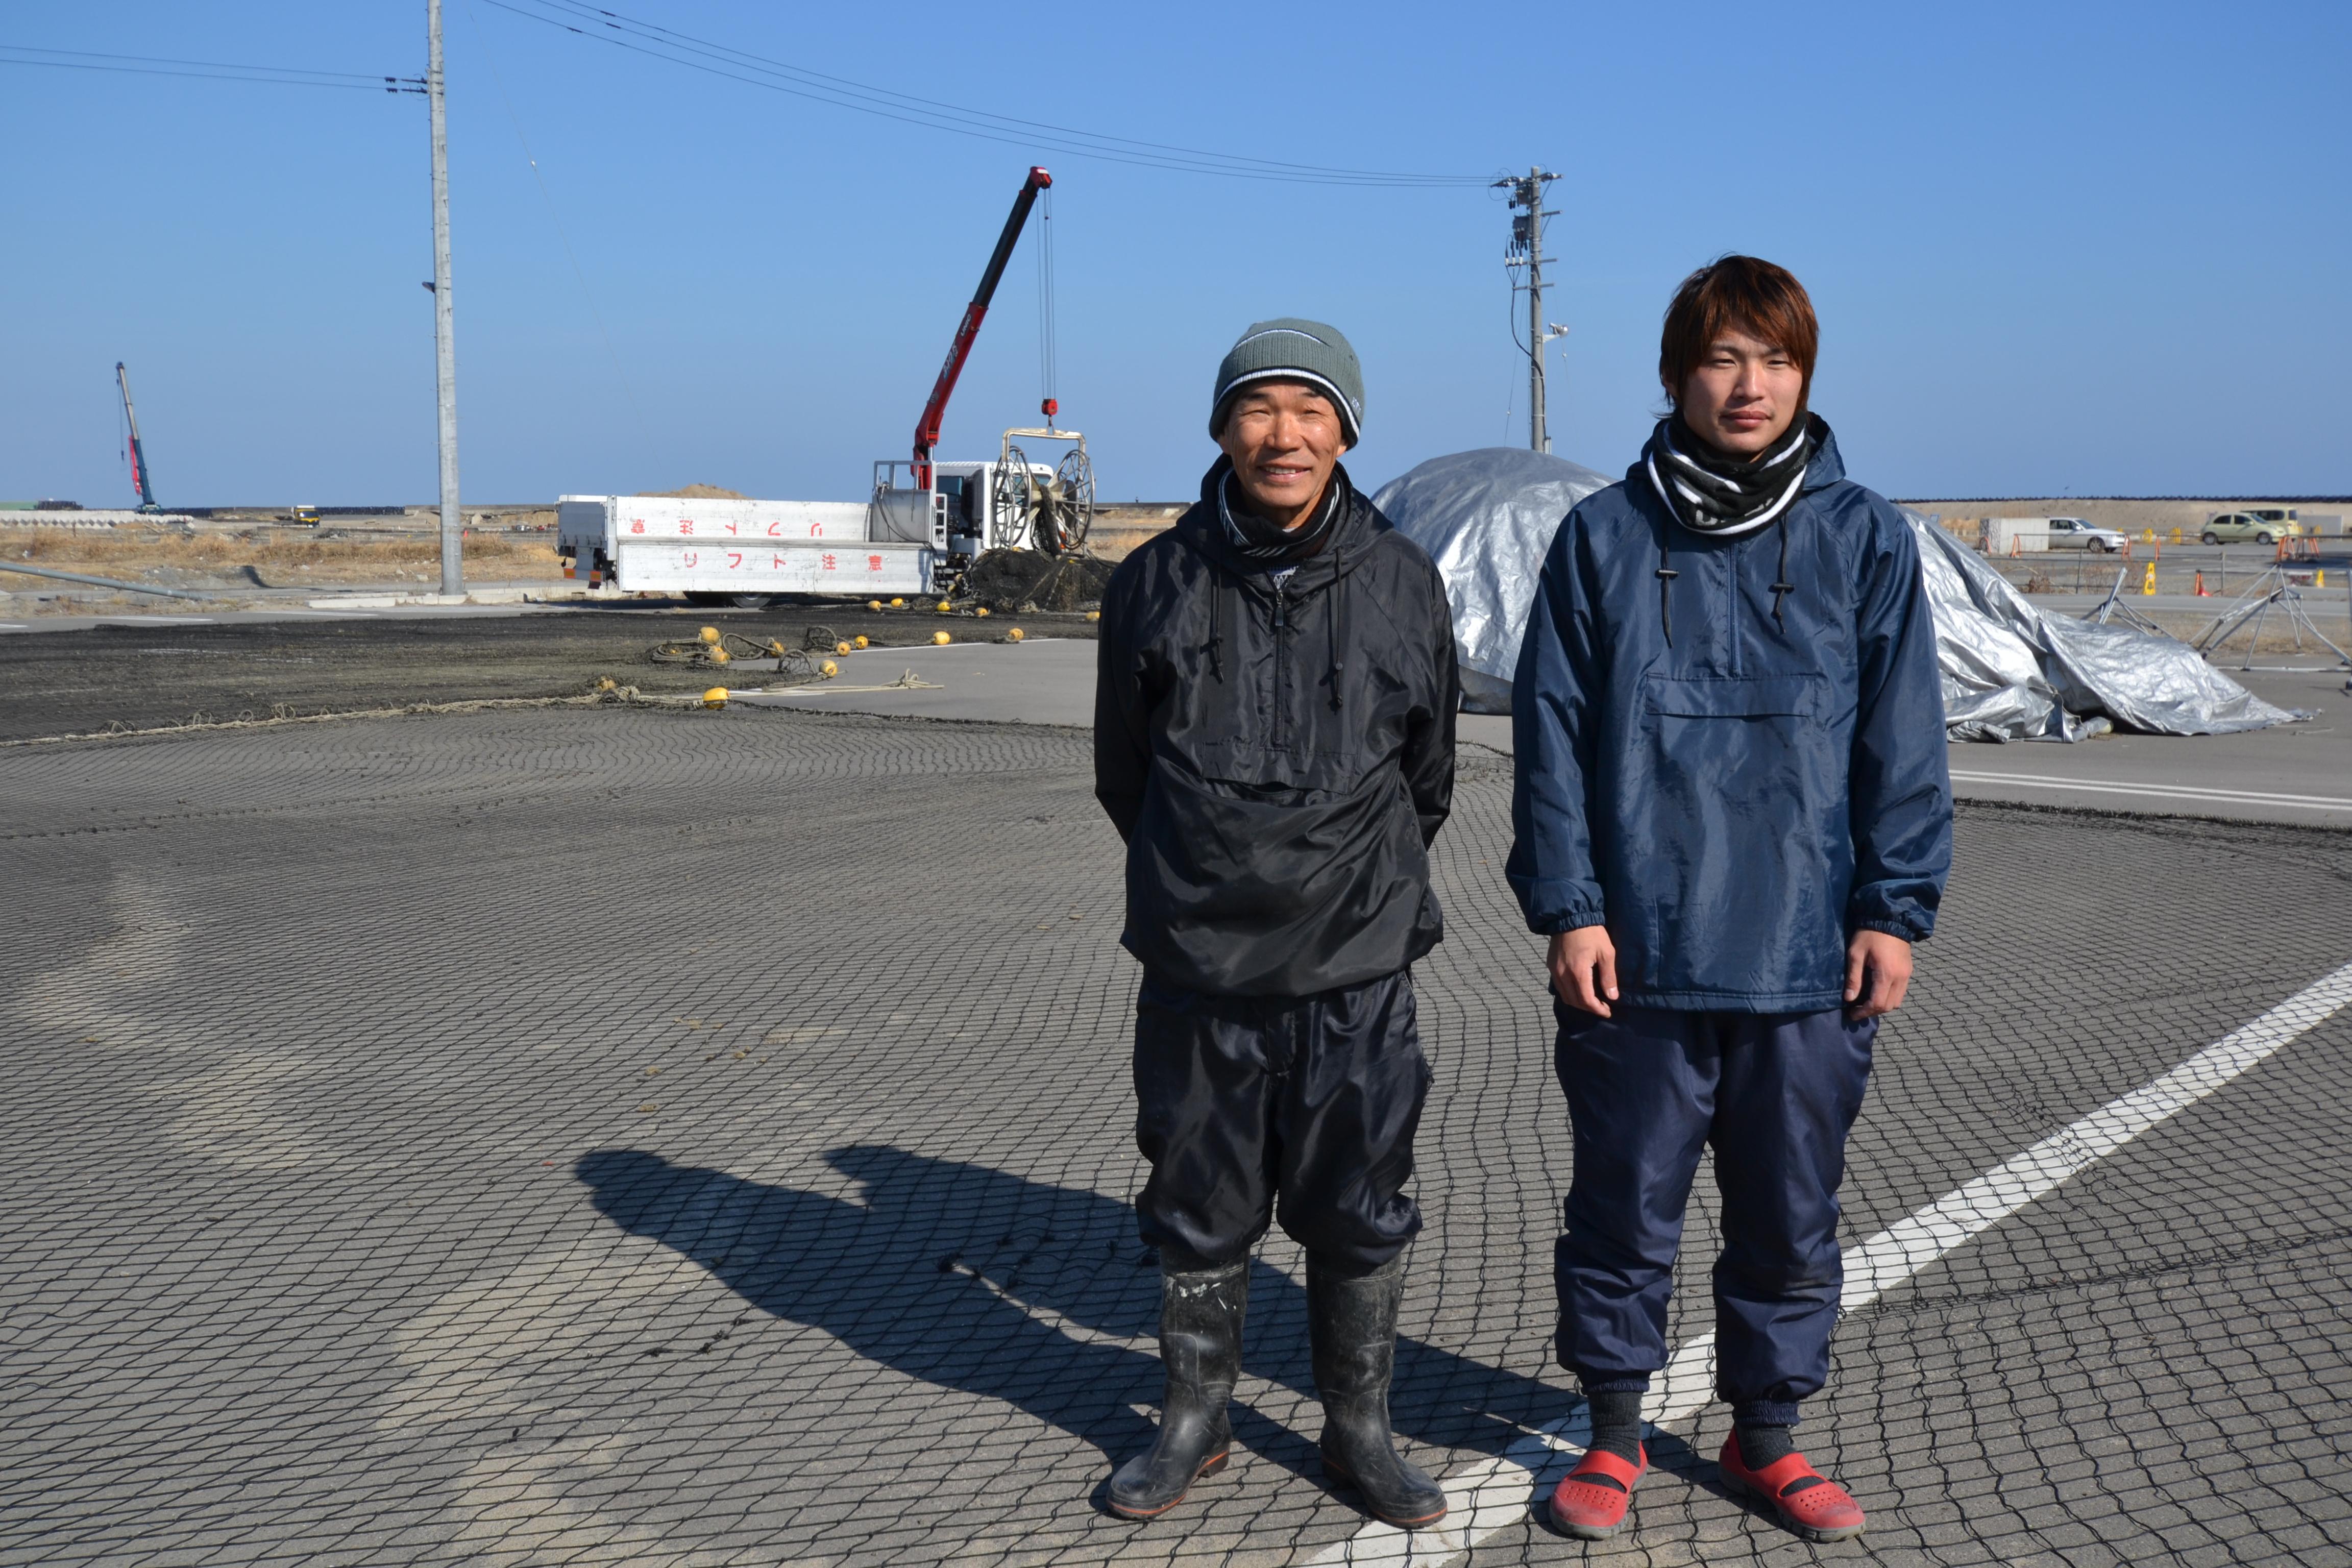 watari fisherman mori and nephew with nets.JPG